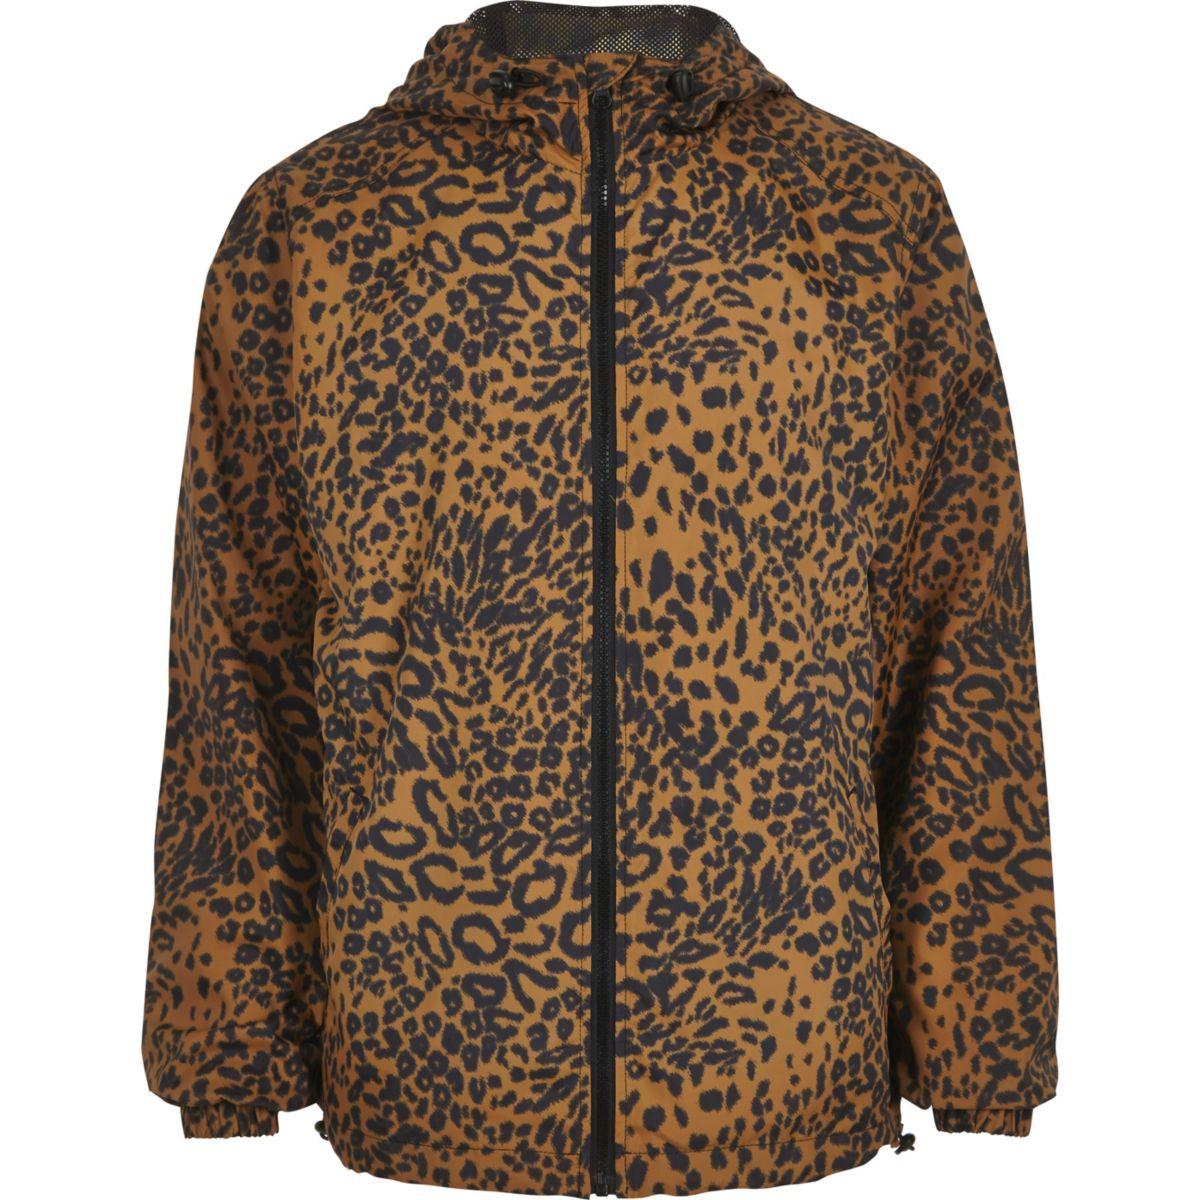 Braune Kapuzenjacke mit Leopardenmuster